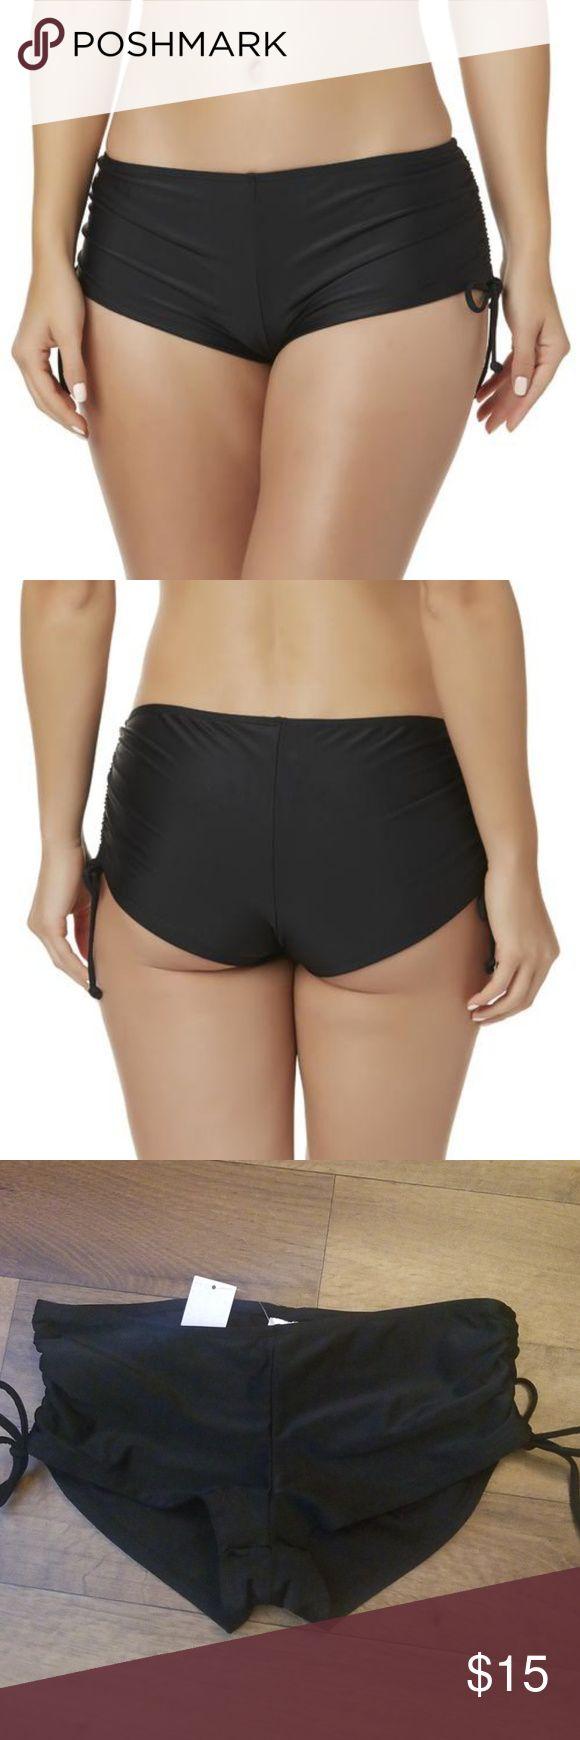 short bottoms boy Shirred bikini